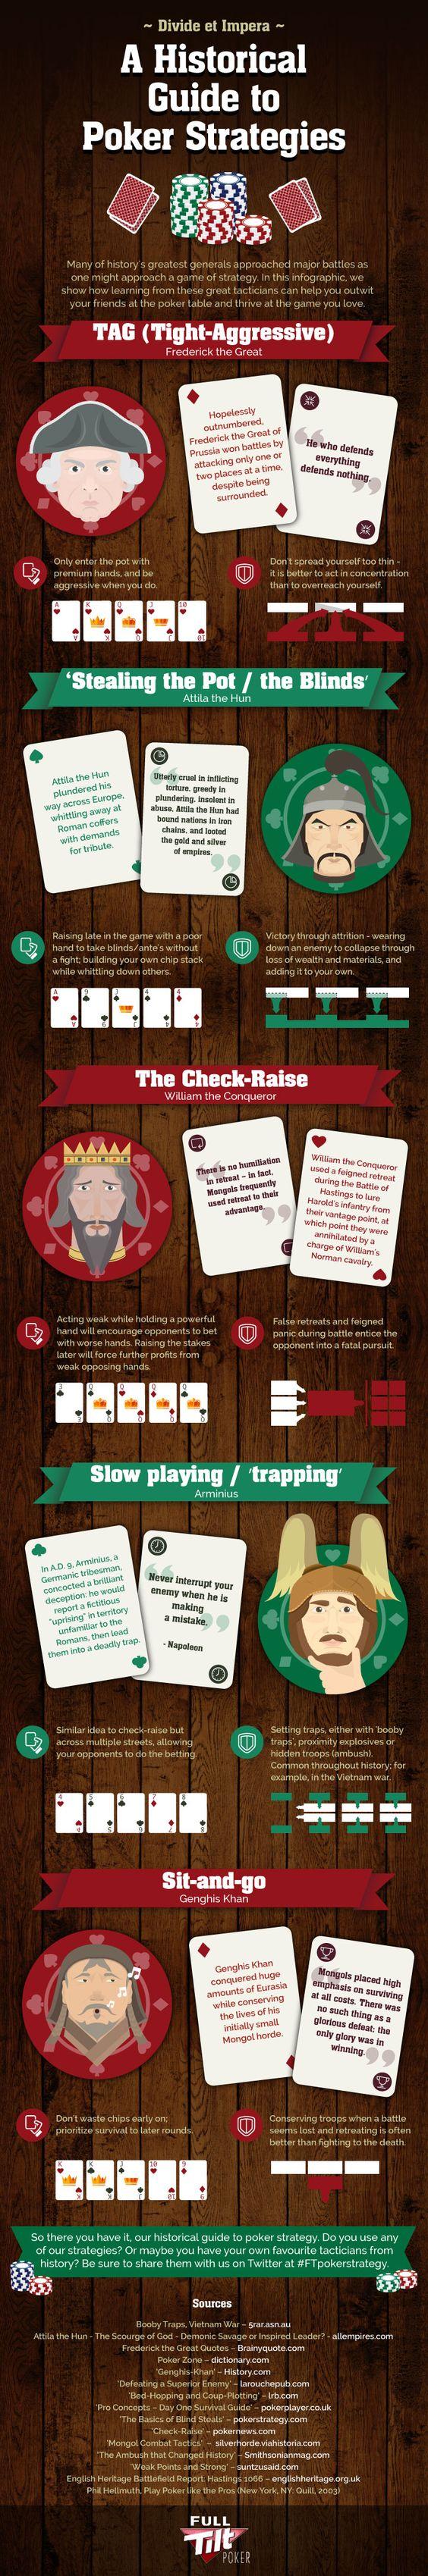 6c9beb36c09e2c77d8cac6a5f1eec4fb - Bermain Poker: Tips Ringan Sebelum Anda Segera Memulai Permainan